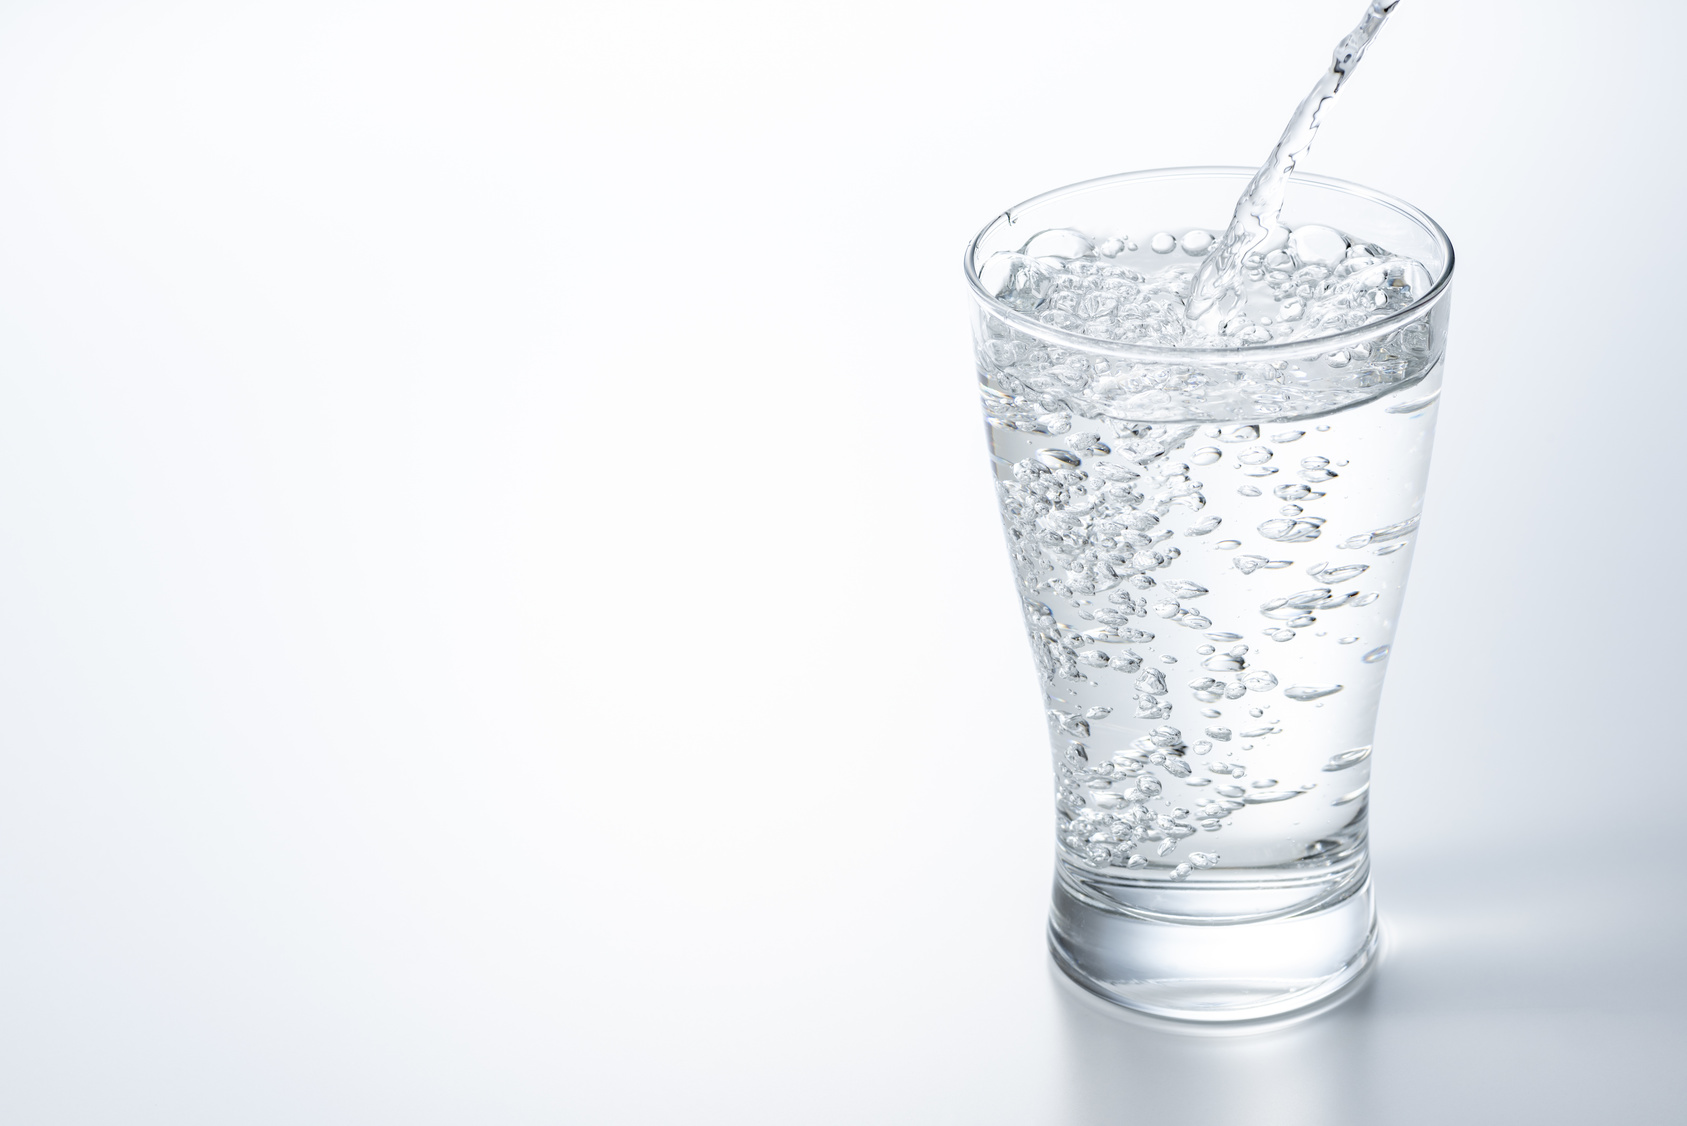 पानी पिउनु/水分補給